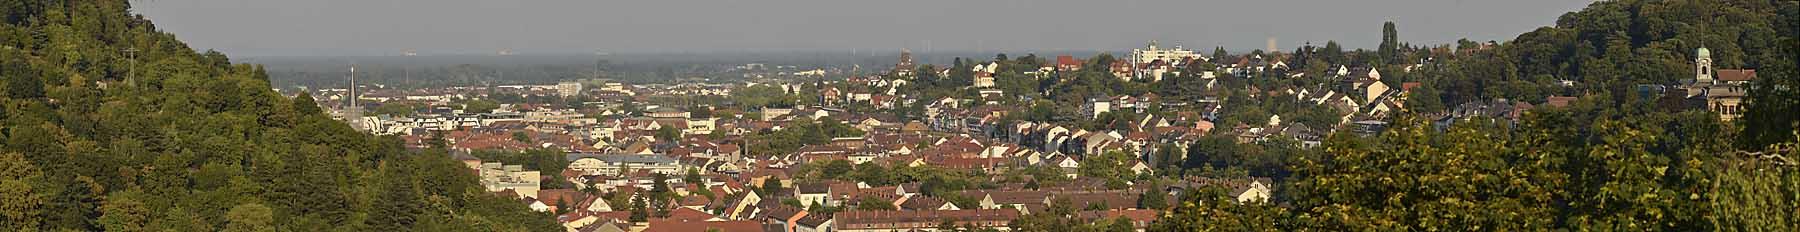 Panoramablick vom Anwesen der Ferienwohnung Uhuherz, Pfalz - Neustadt an der Weinstraße.